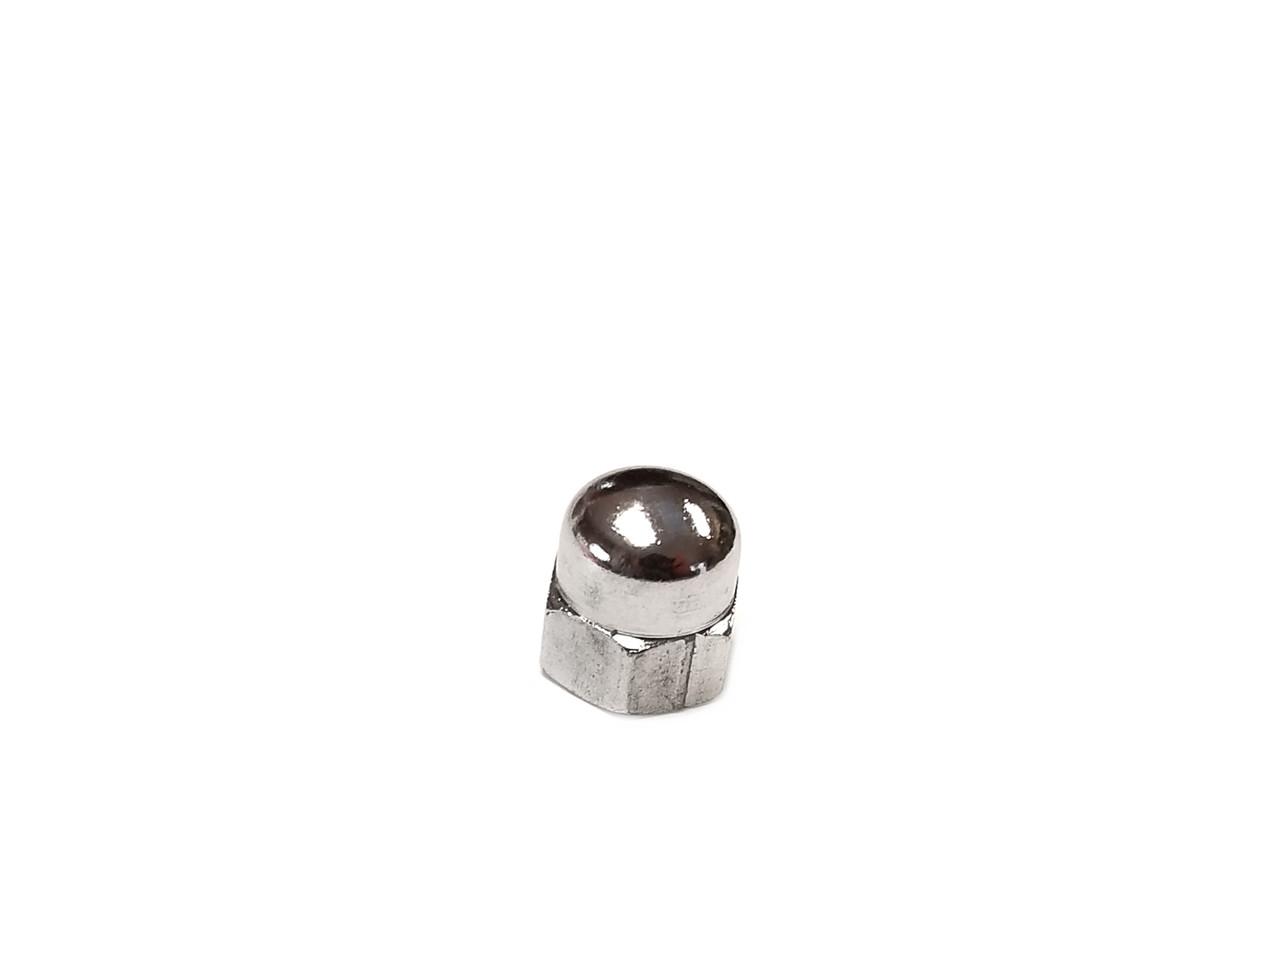 Original Kinetic Acorn / Cap Nut - M8 x 1.25